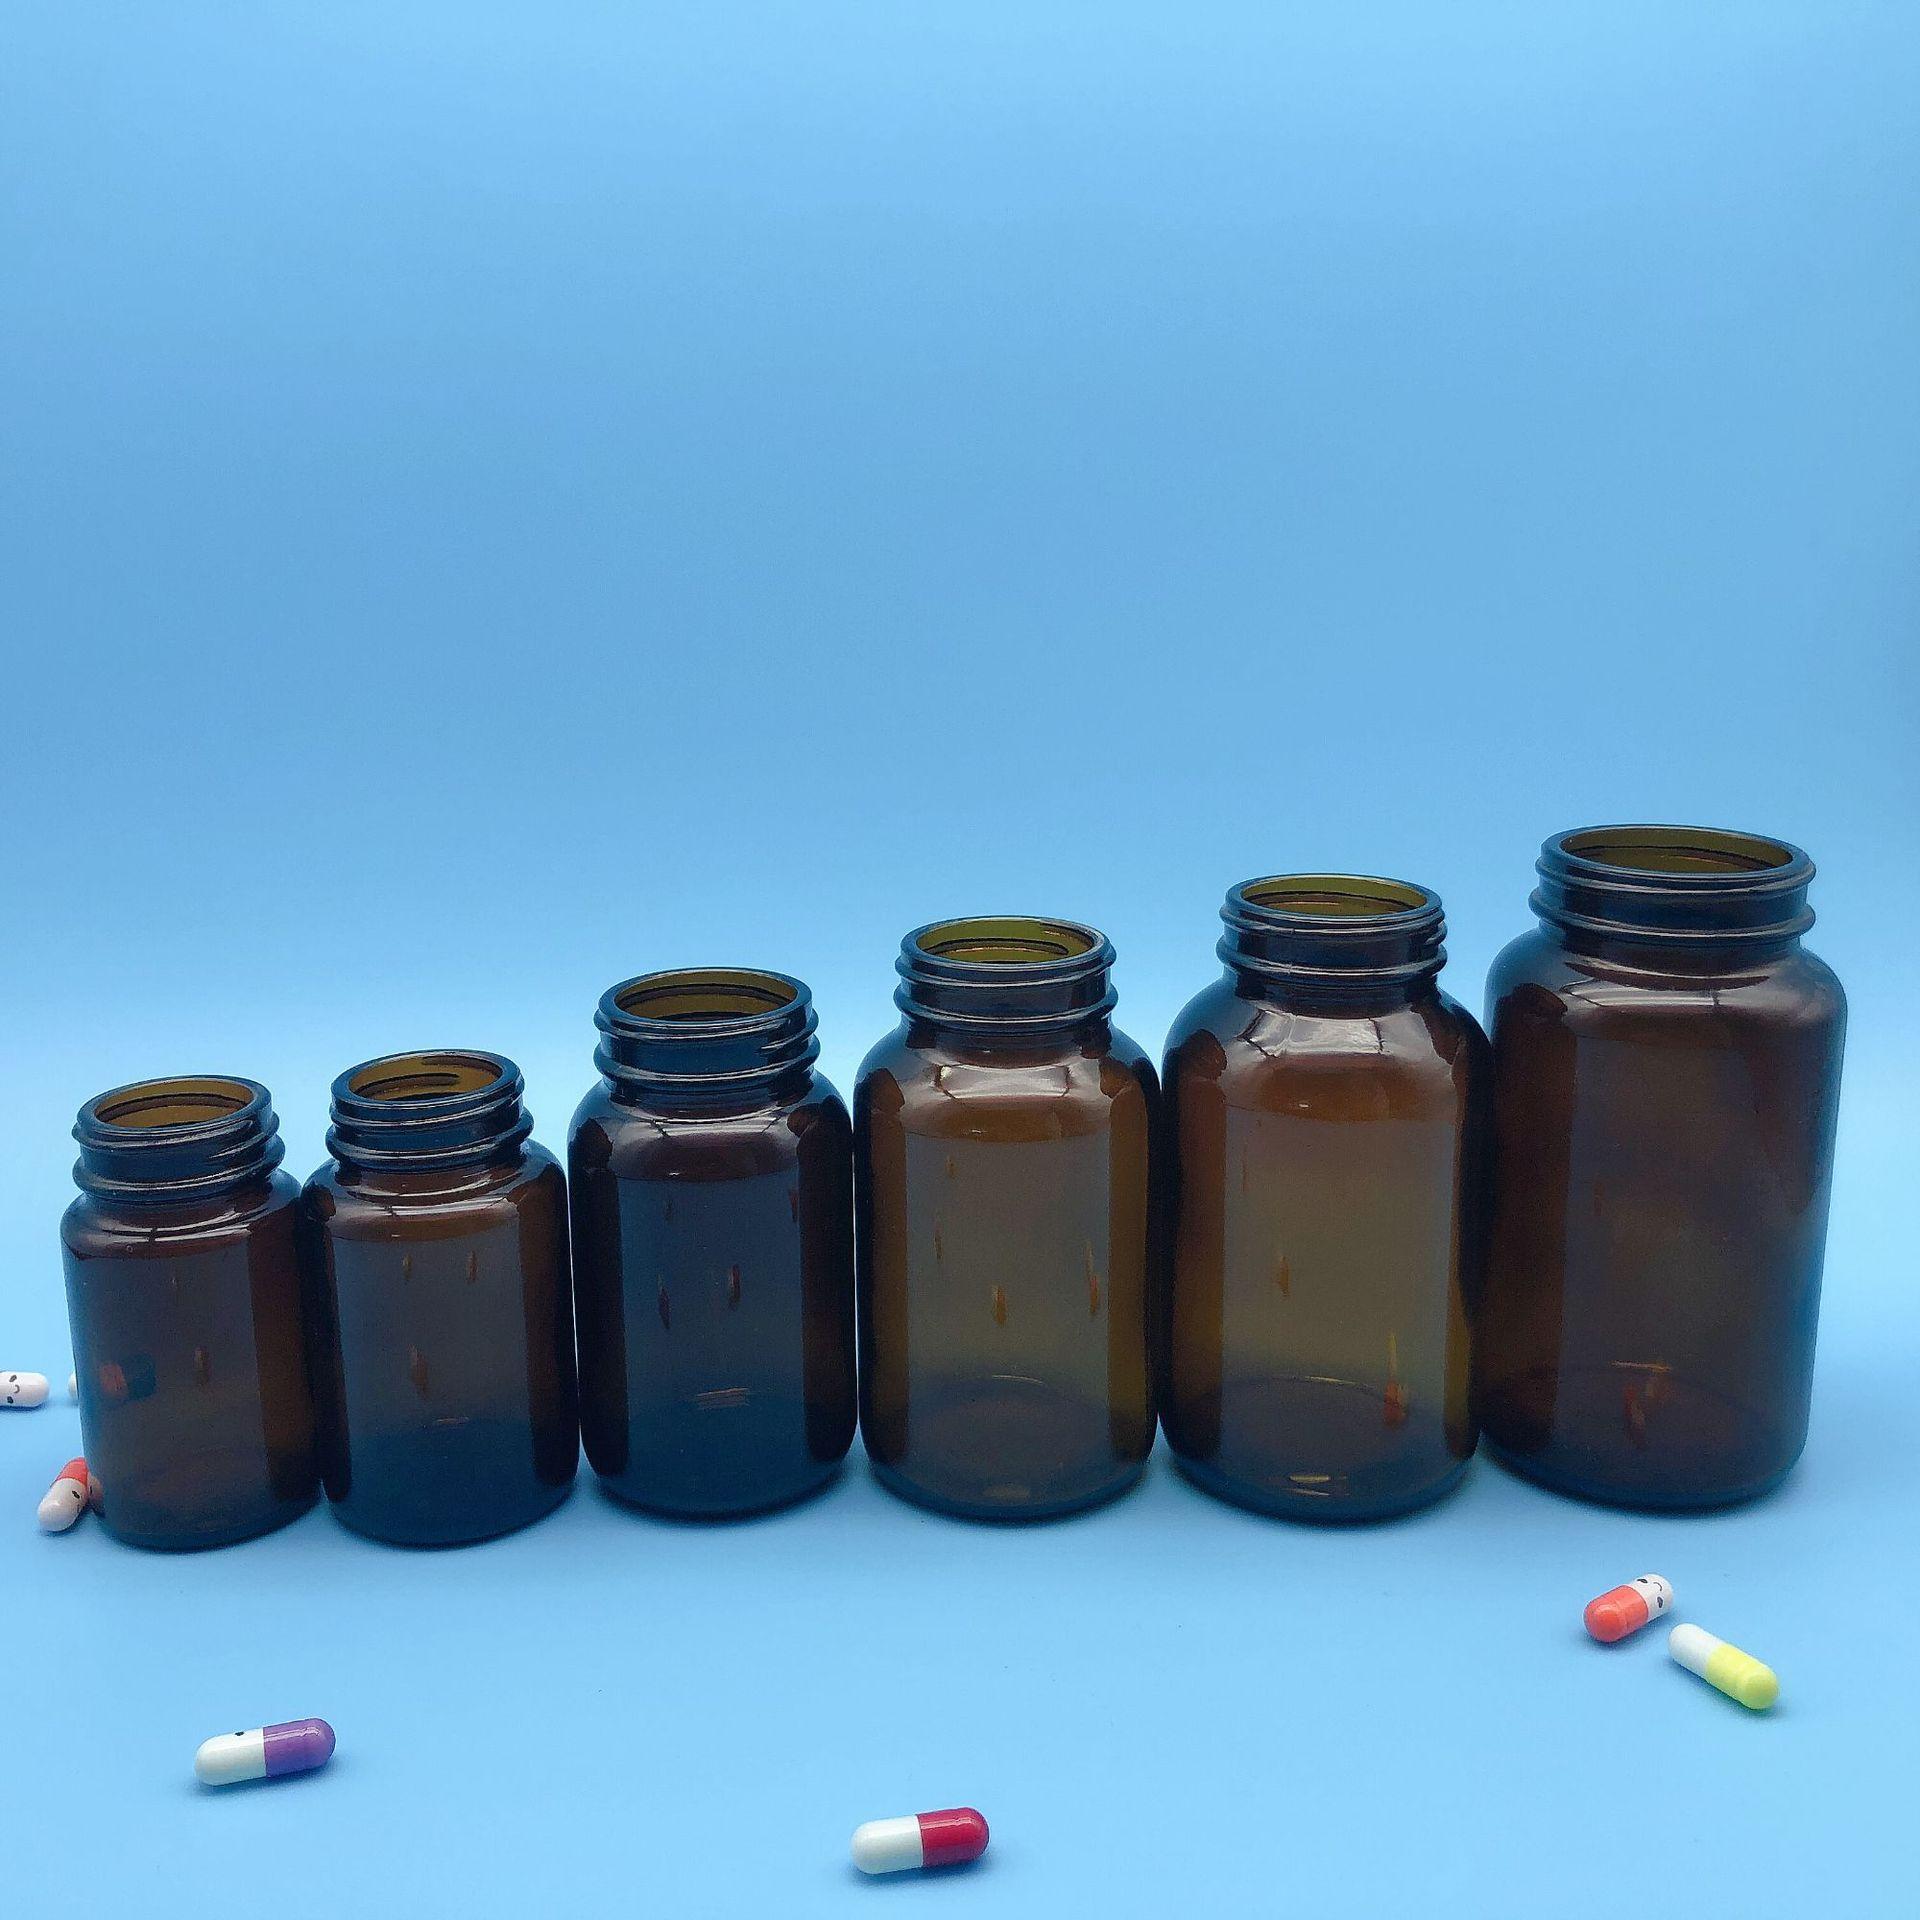 批发零售玻璃胶囊瓶 茶色玻璃药品瓶/虫草胶囊瓶60-500ml规格